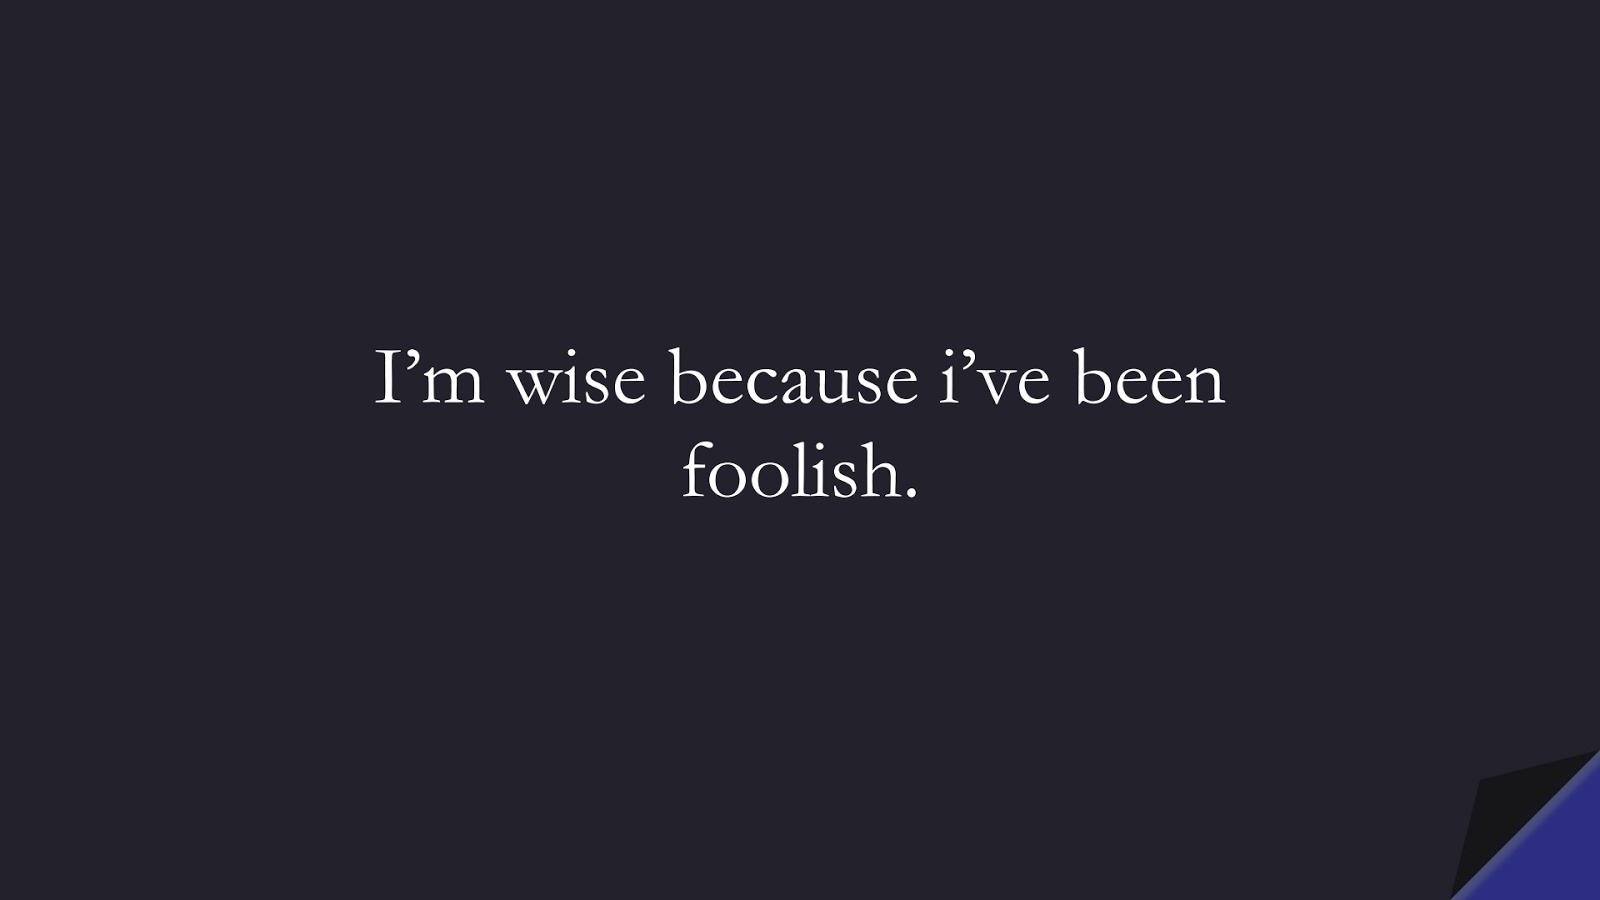 I'm wise because i've been foolish.FALSE